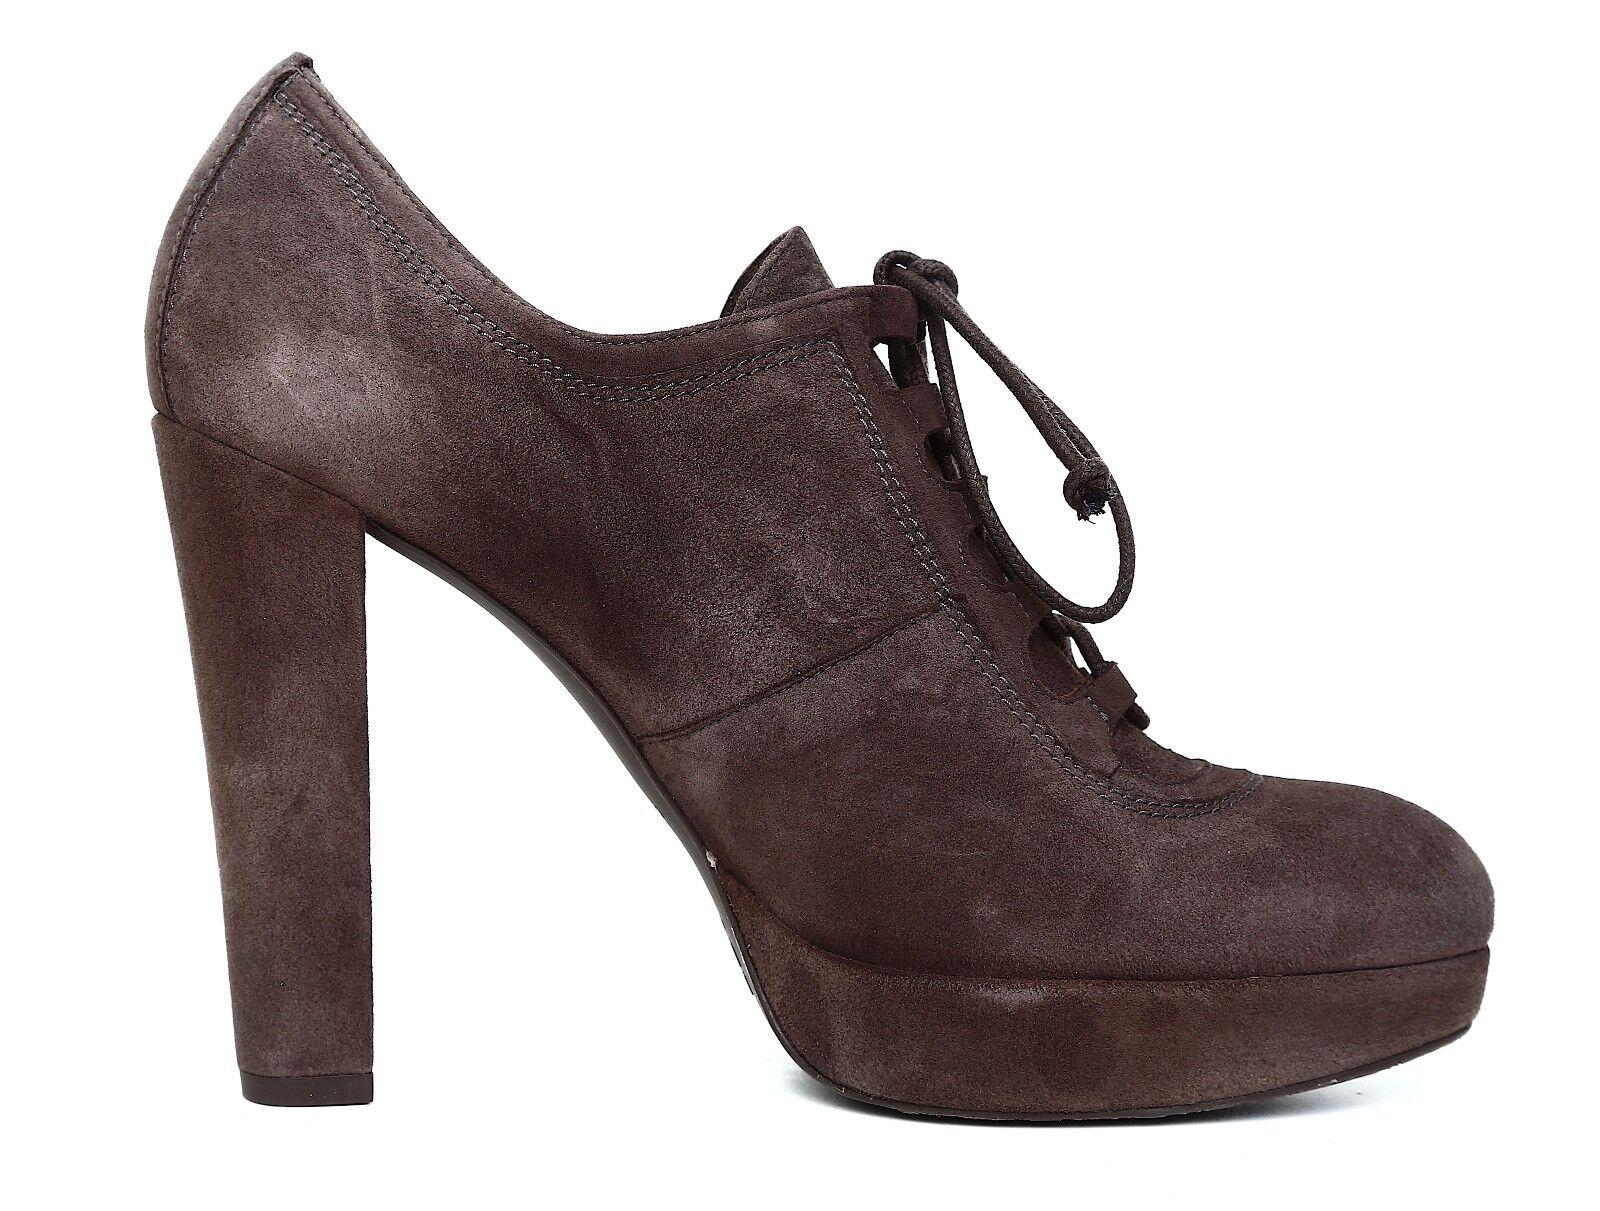 Stuart Weitzman Upstream Suede High Heel Heel Heel Londra femmes Sz 8 M 5919 f7f5c1